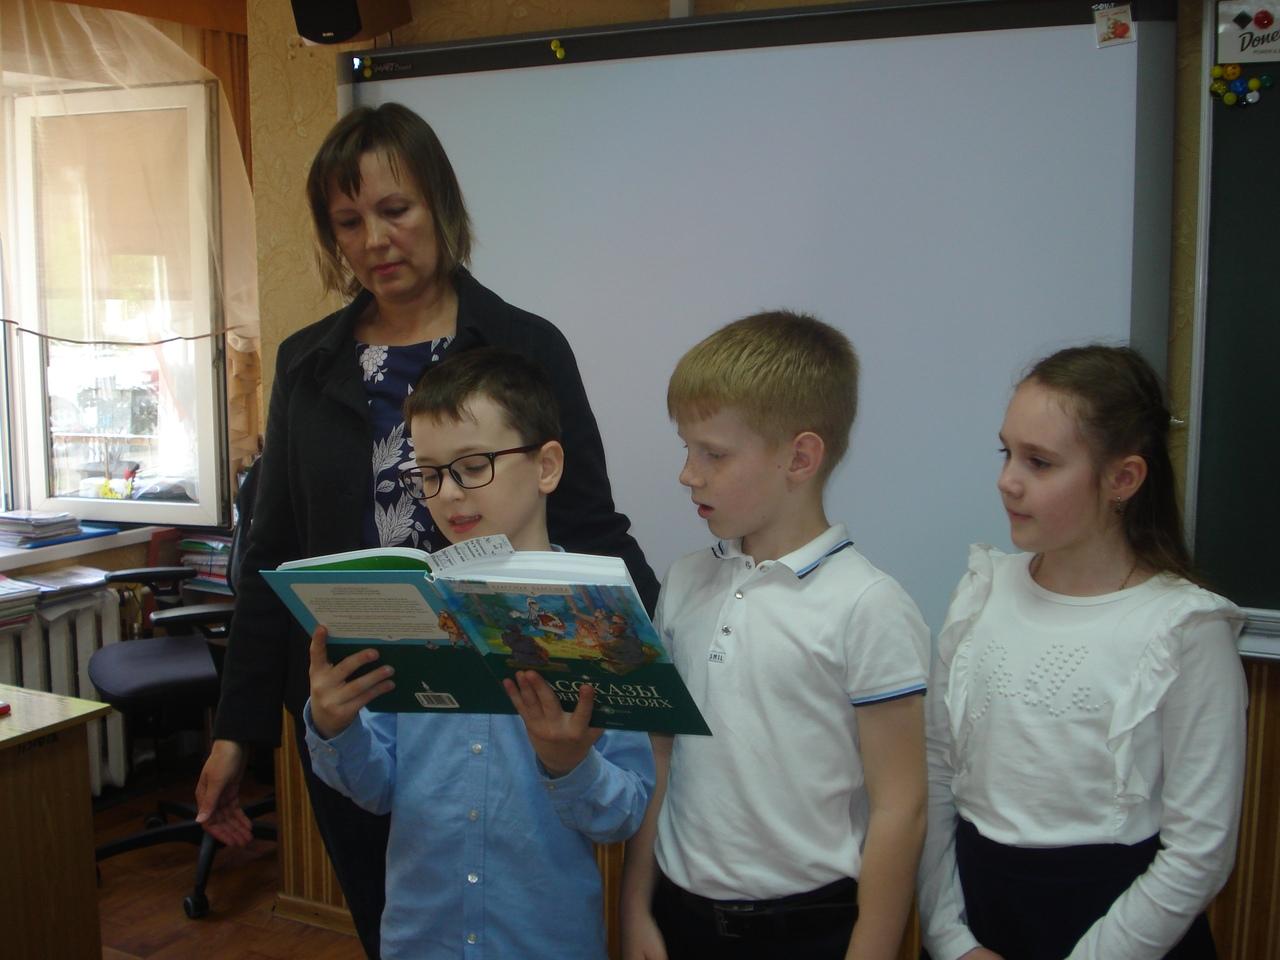 день победы, что ты знаешь о войне, донецкая республиканская библиотека для детей, отдел обслуживания учщихся 5-9 классов